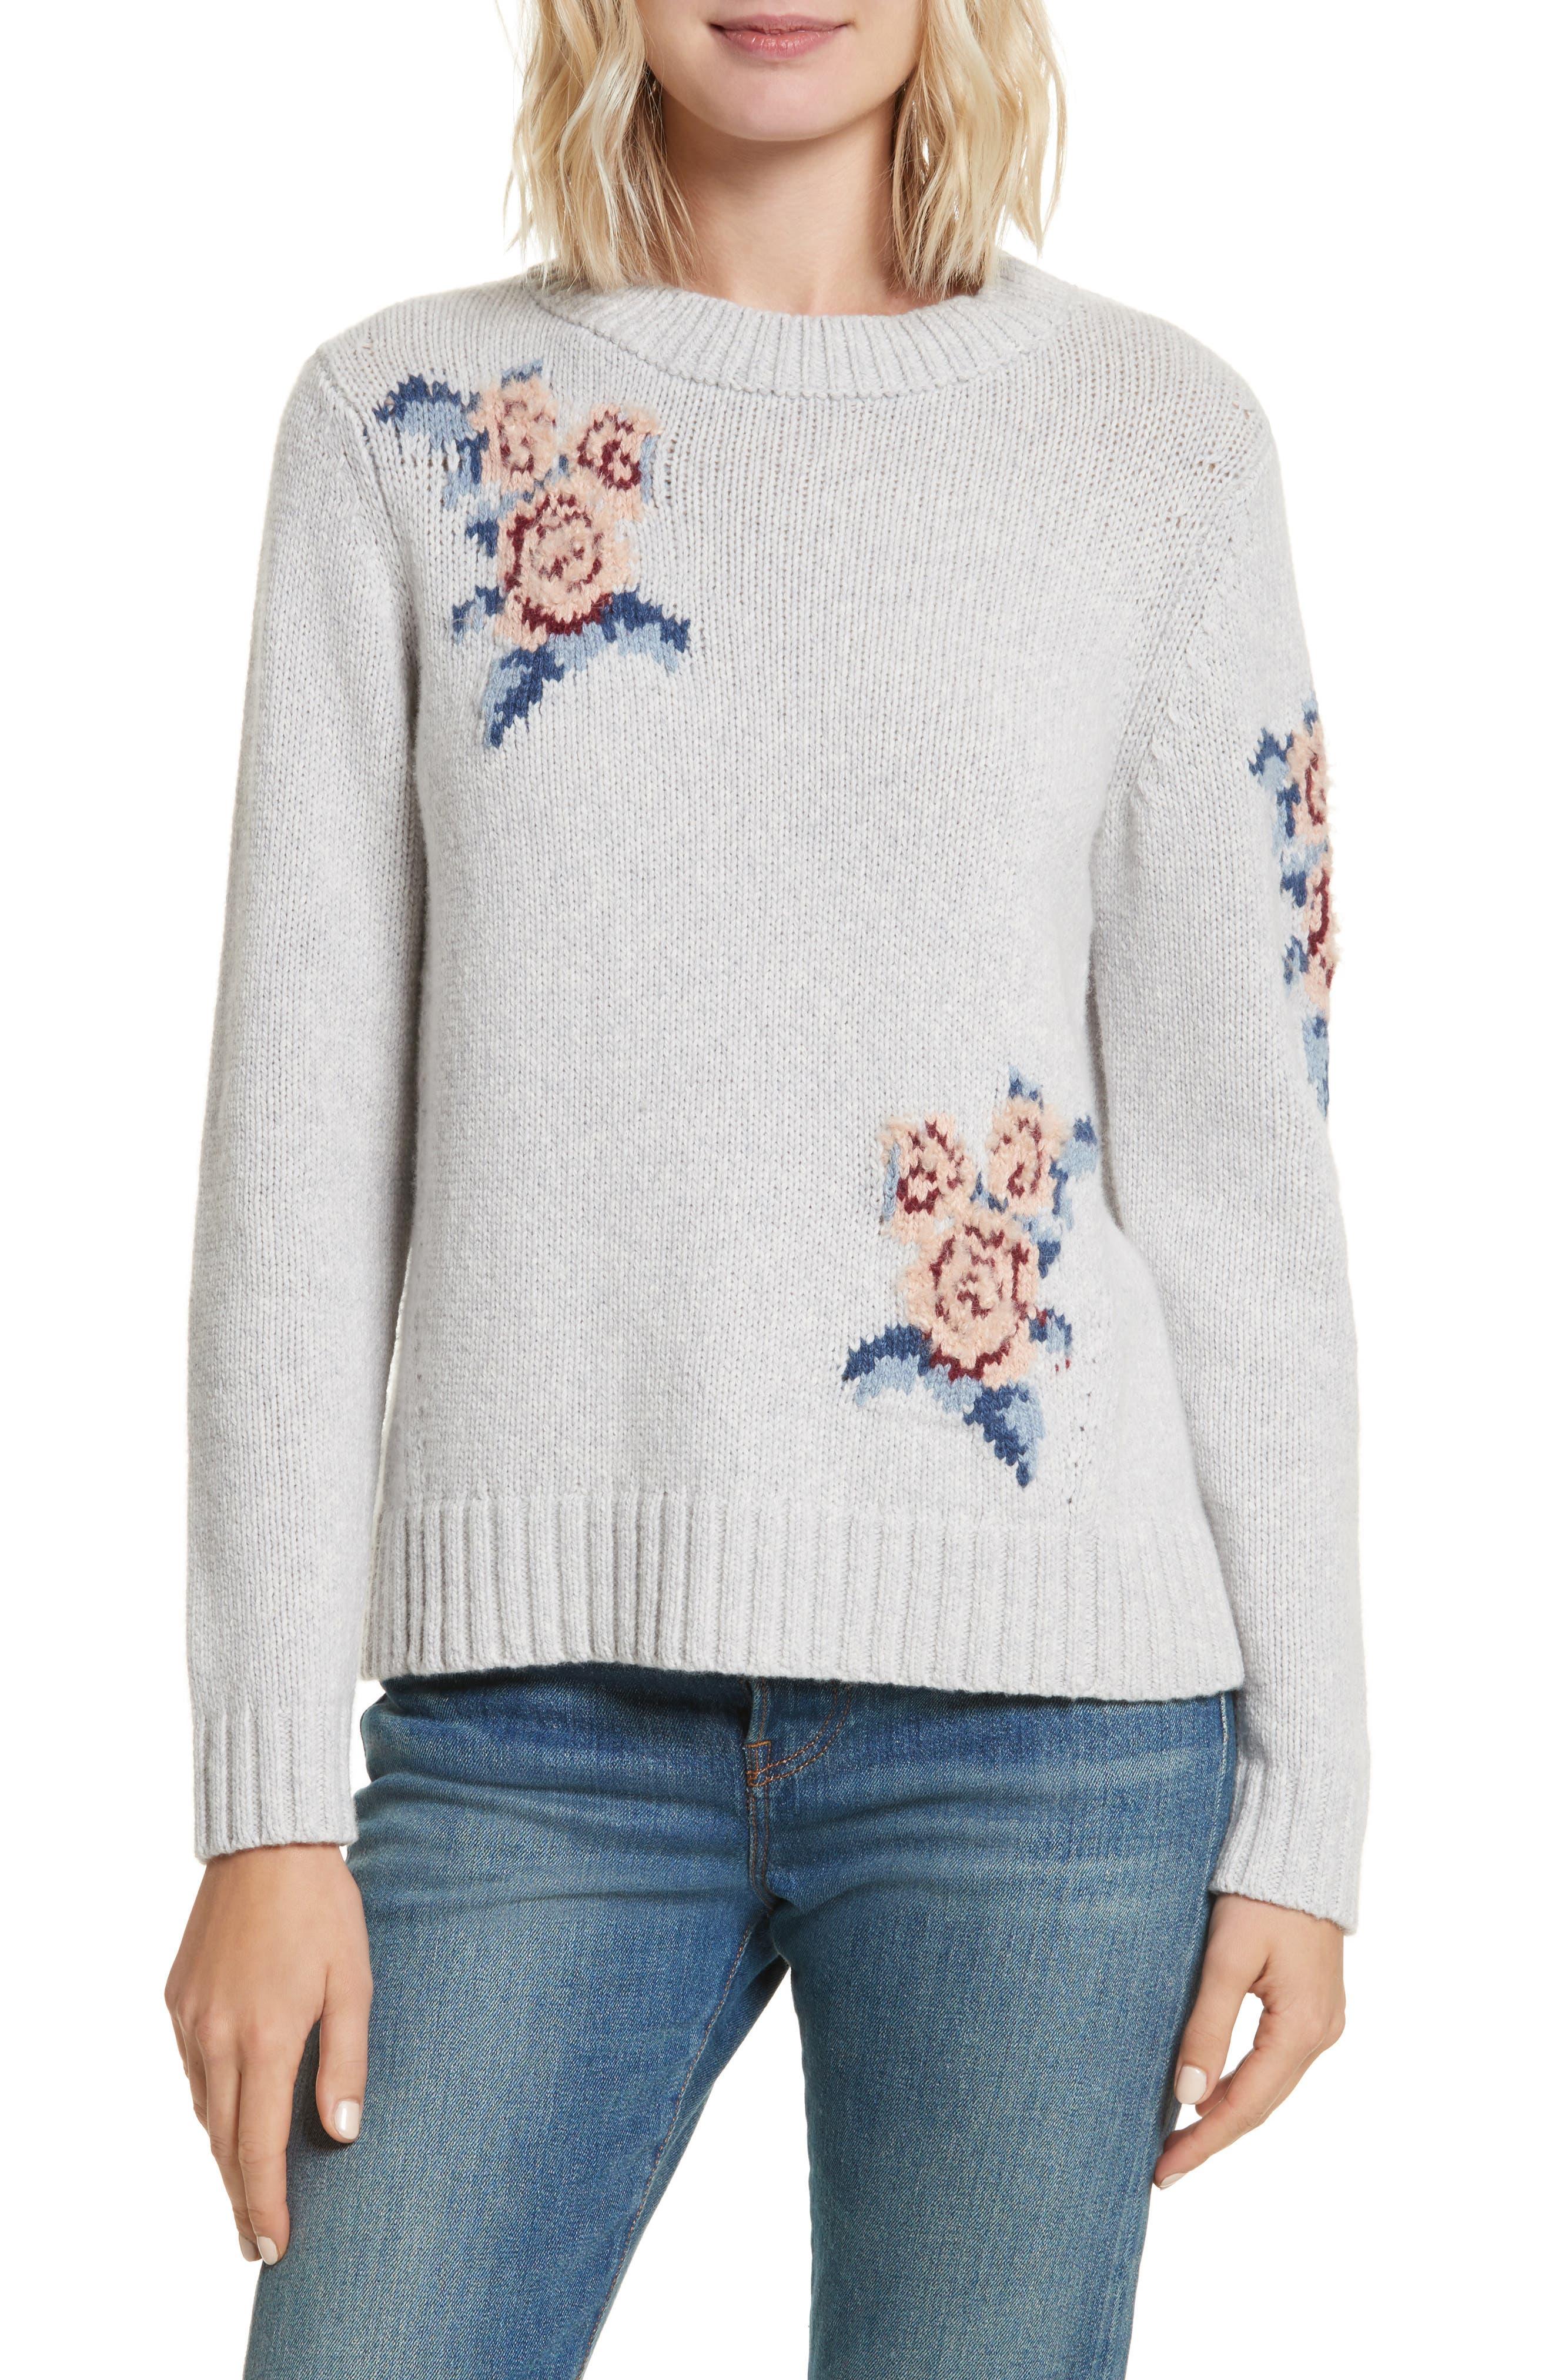 La Vie Rebecca Taylor Floral Intarsia Pullover